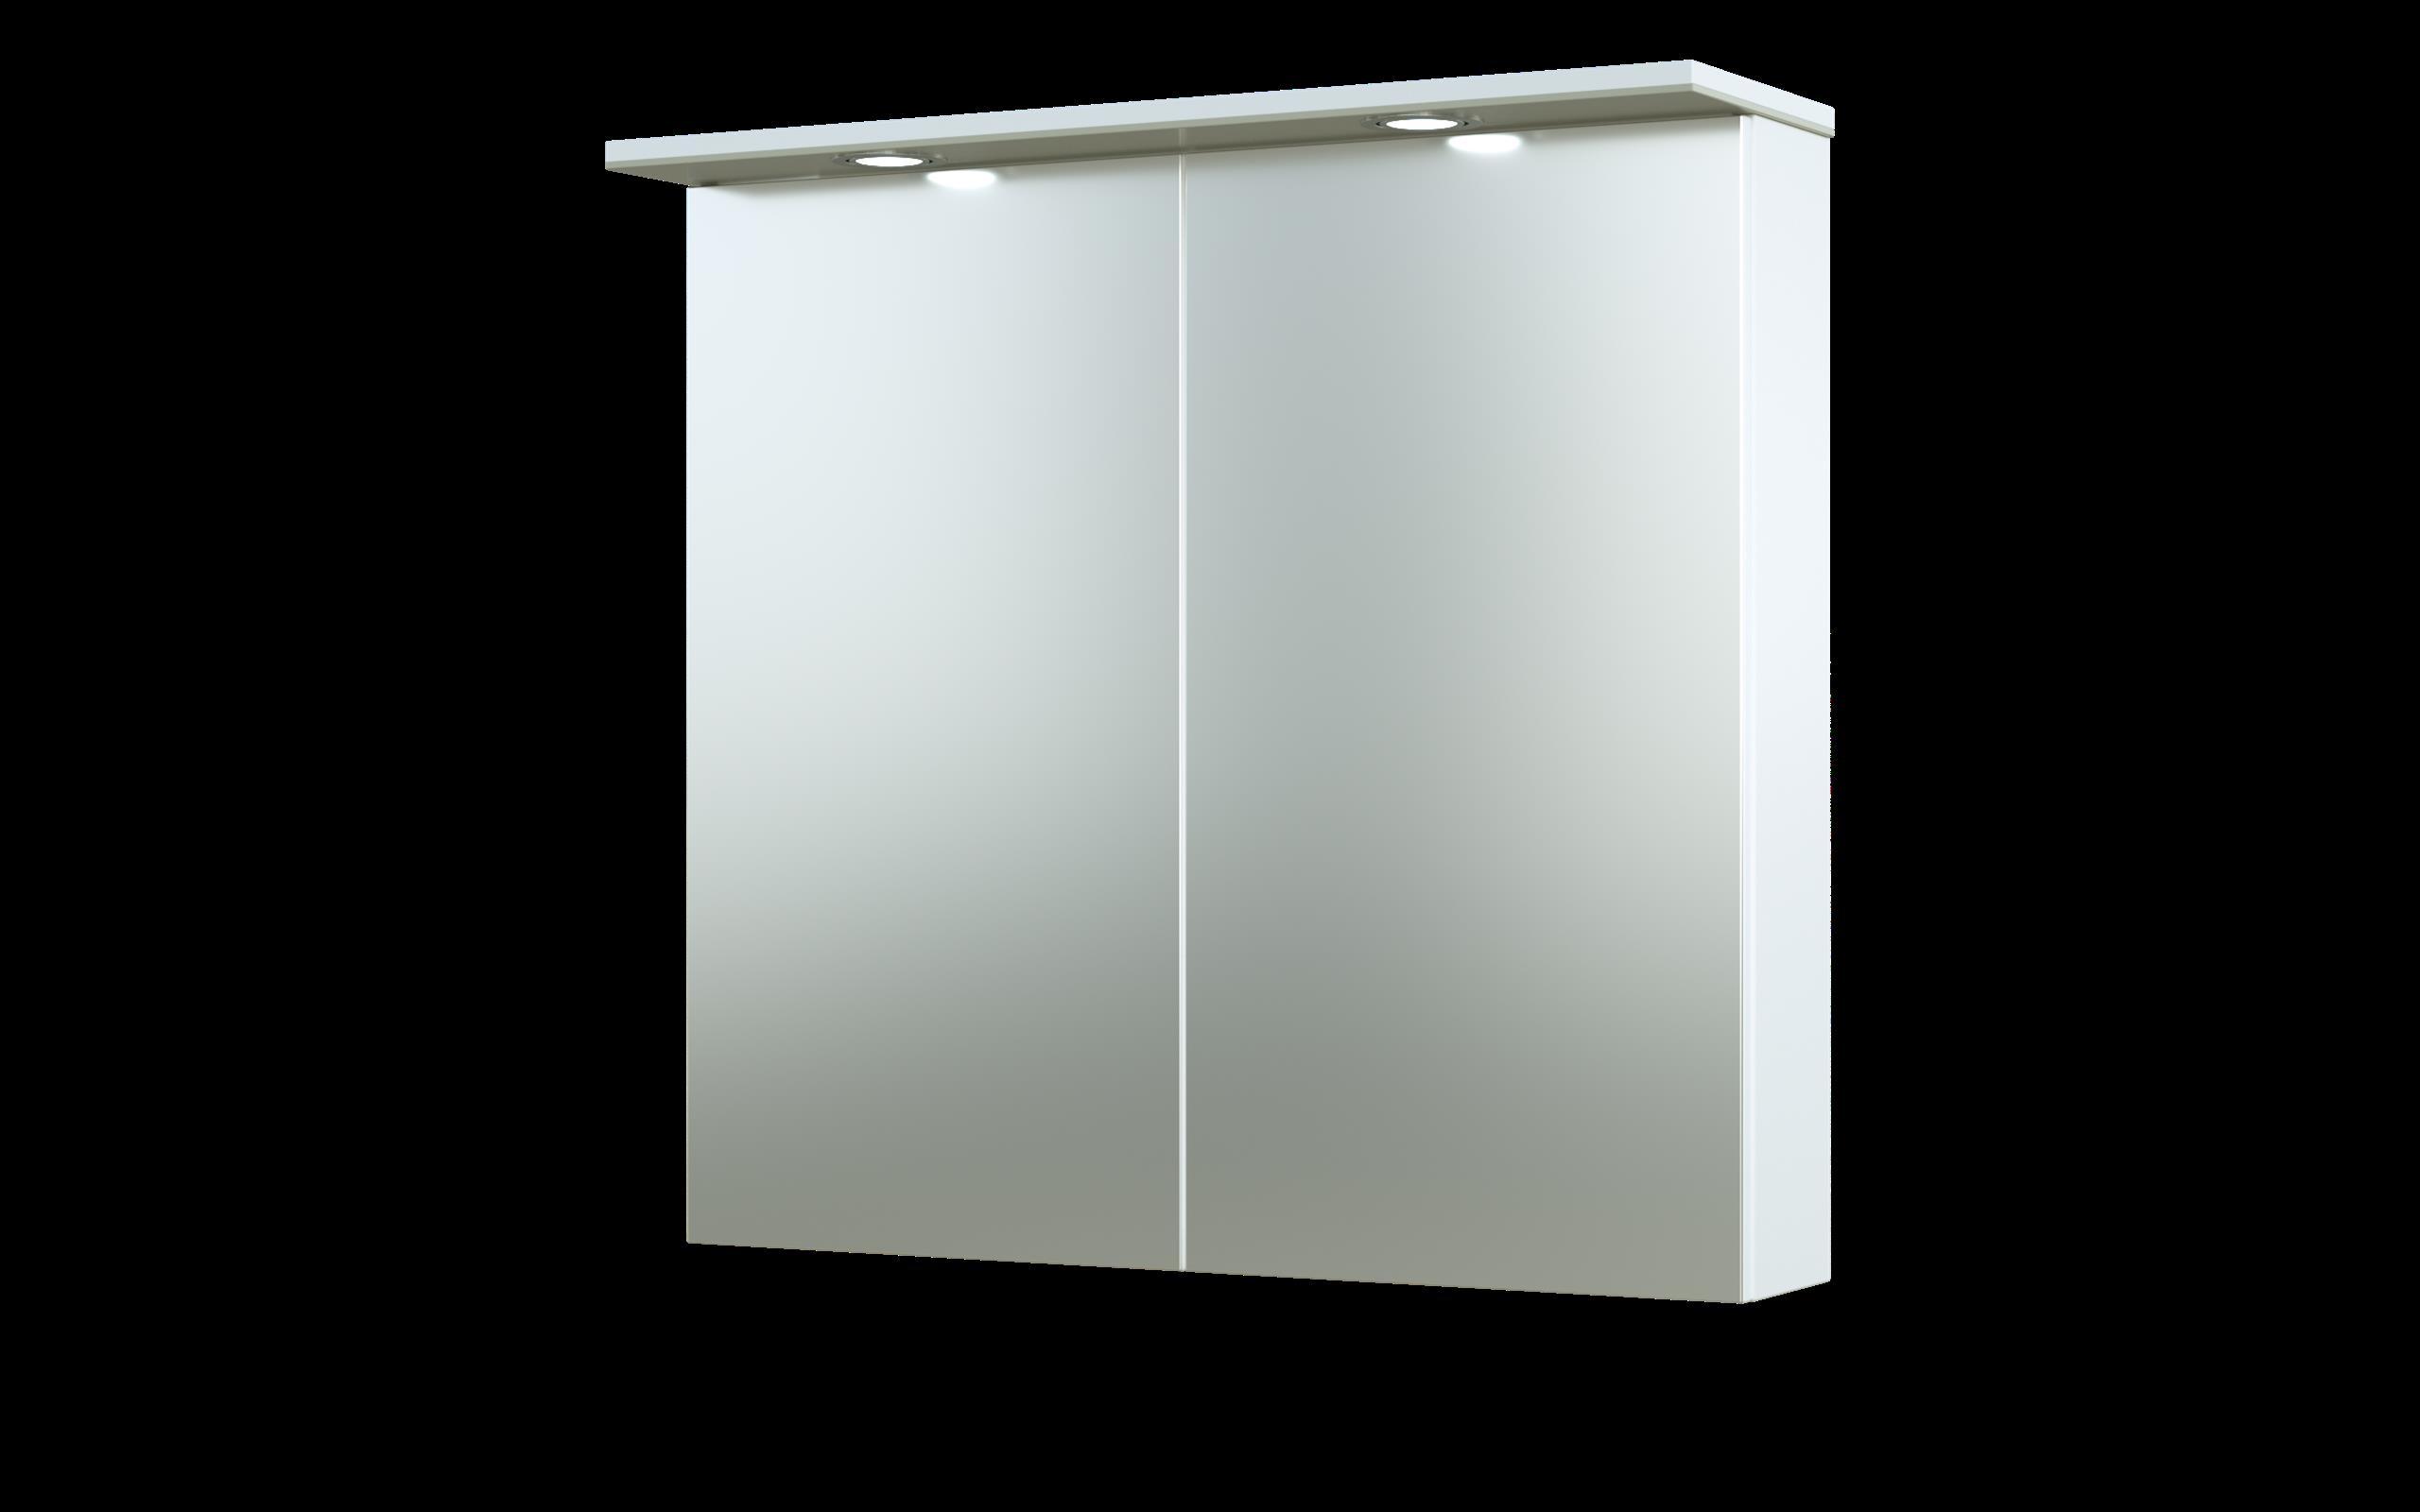 Bad LED Spiegelschrank Allegro 76 Beige glänzend Bild 1